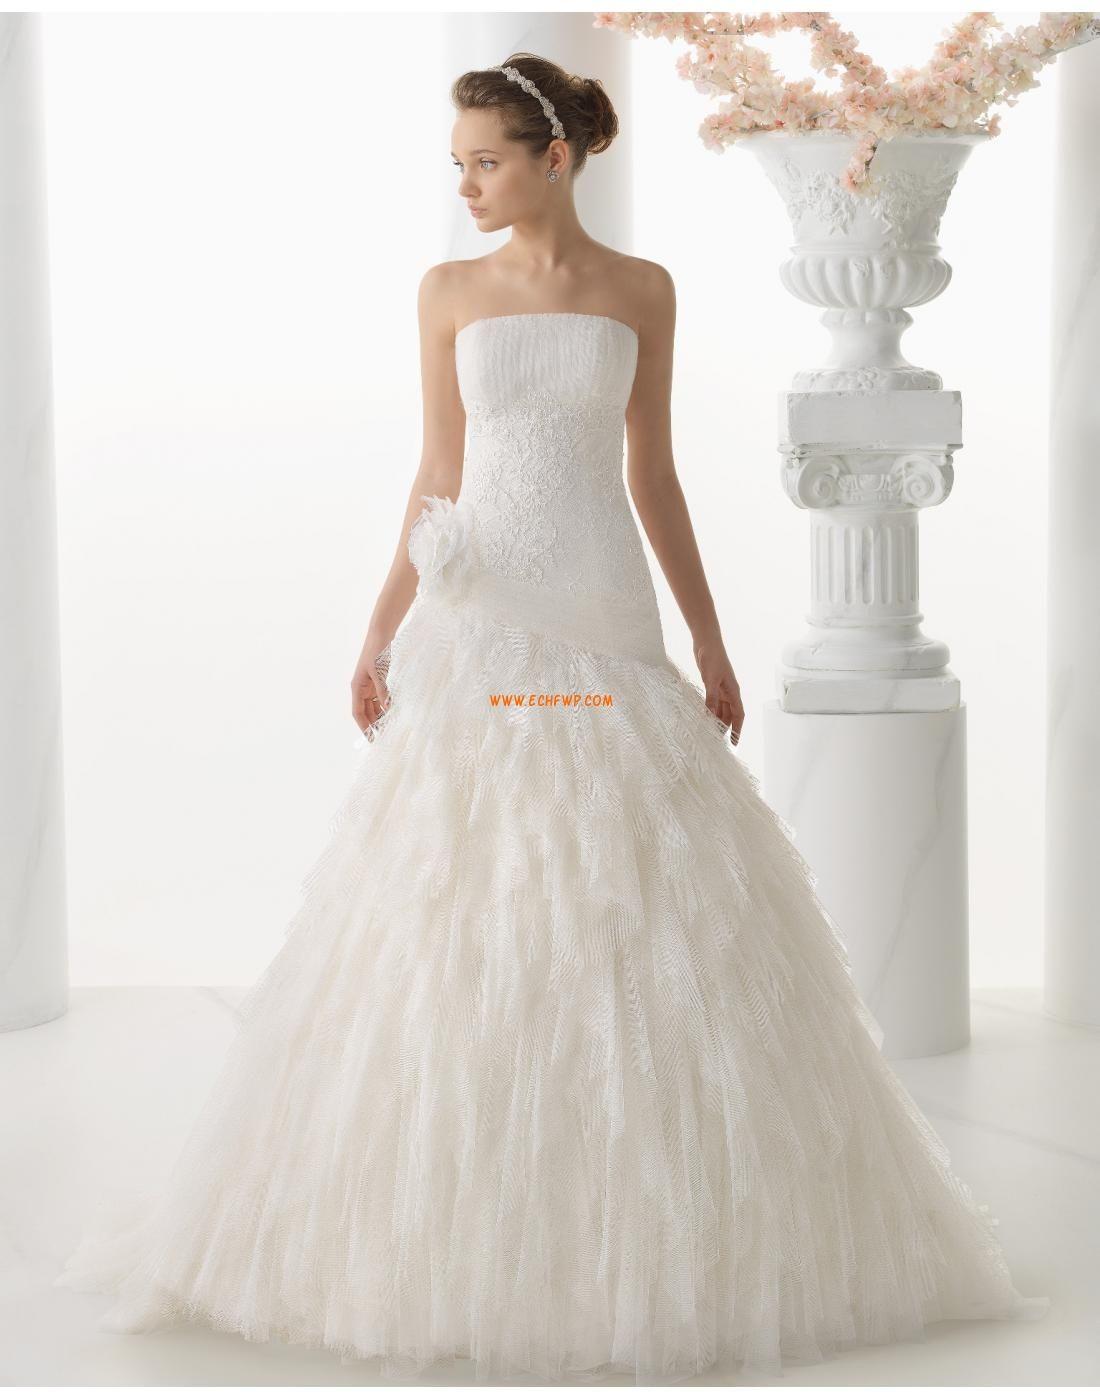 Halle Hochzeitskleider mit Schal Empire Brautkleider 2015 | Hochzeit ...